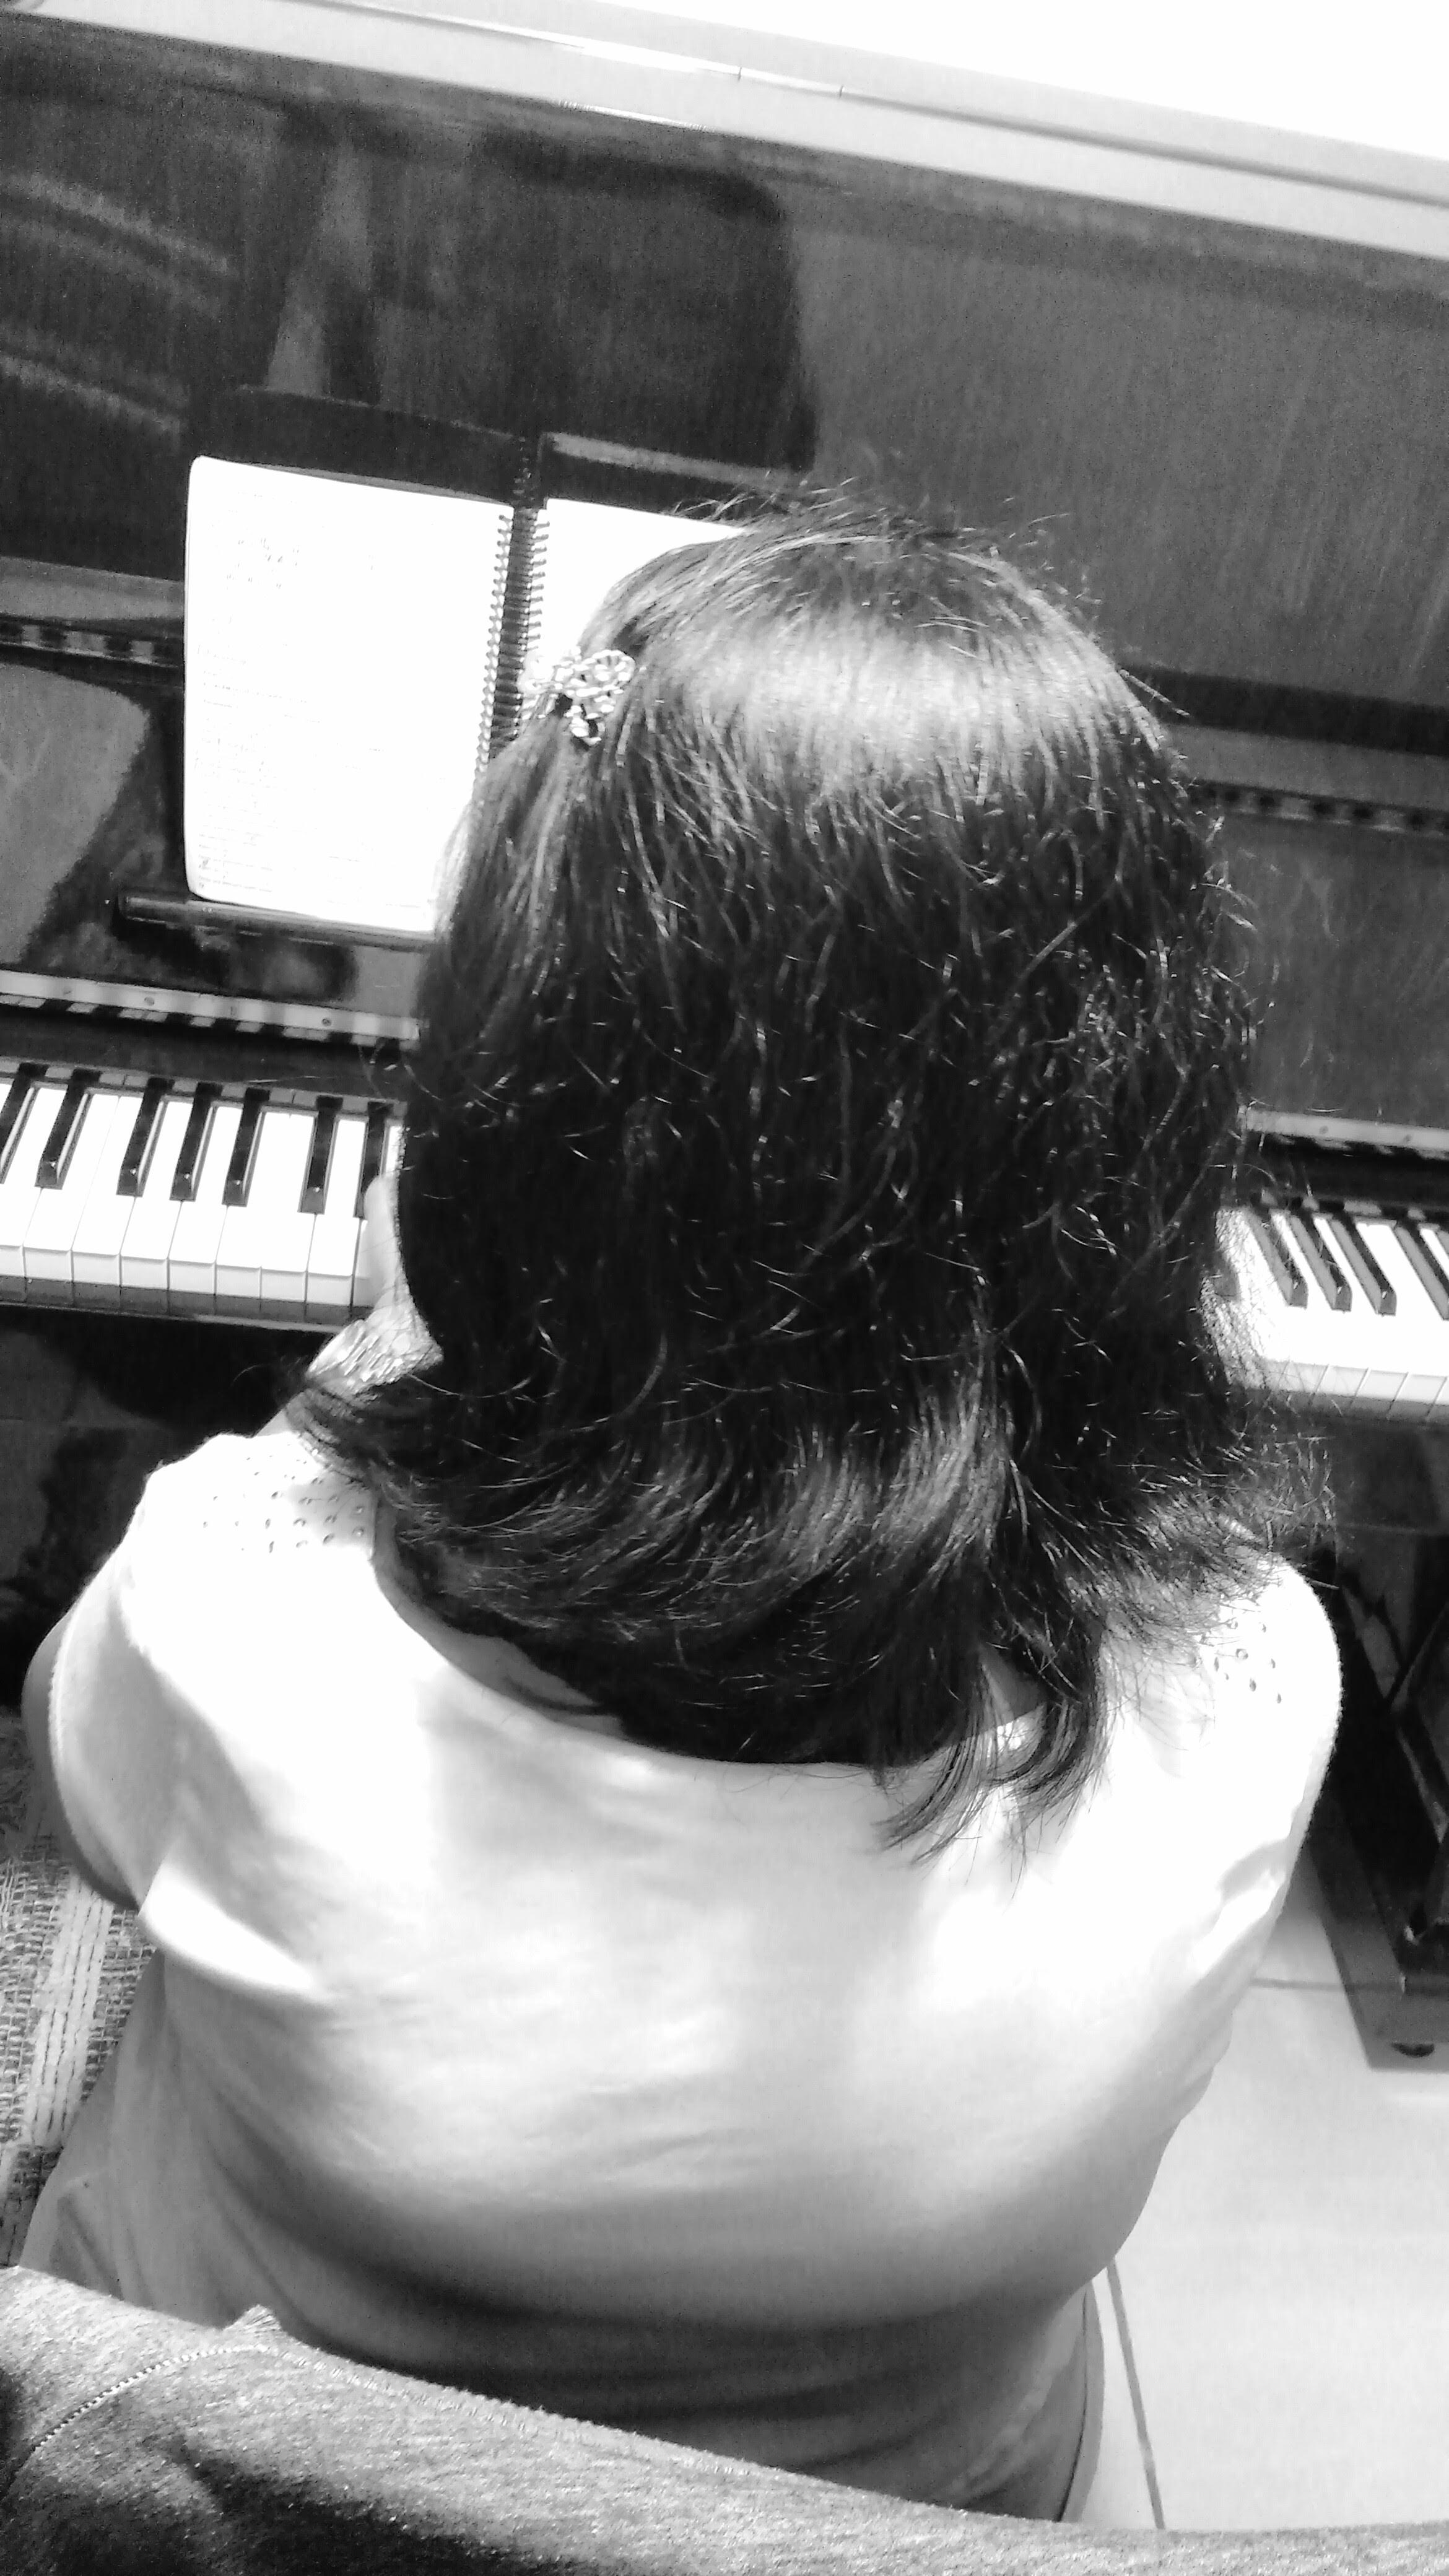 aulas de teclado iniciante em juiz de fora